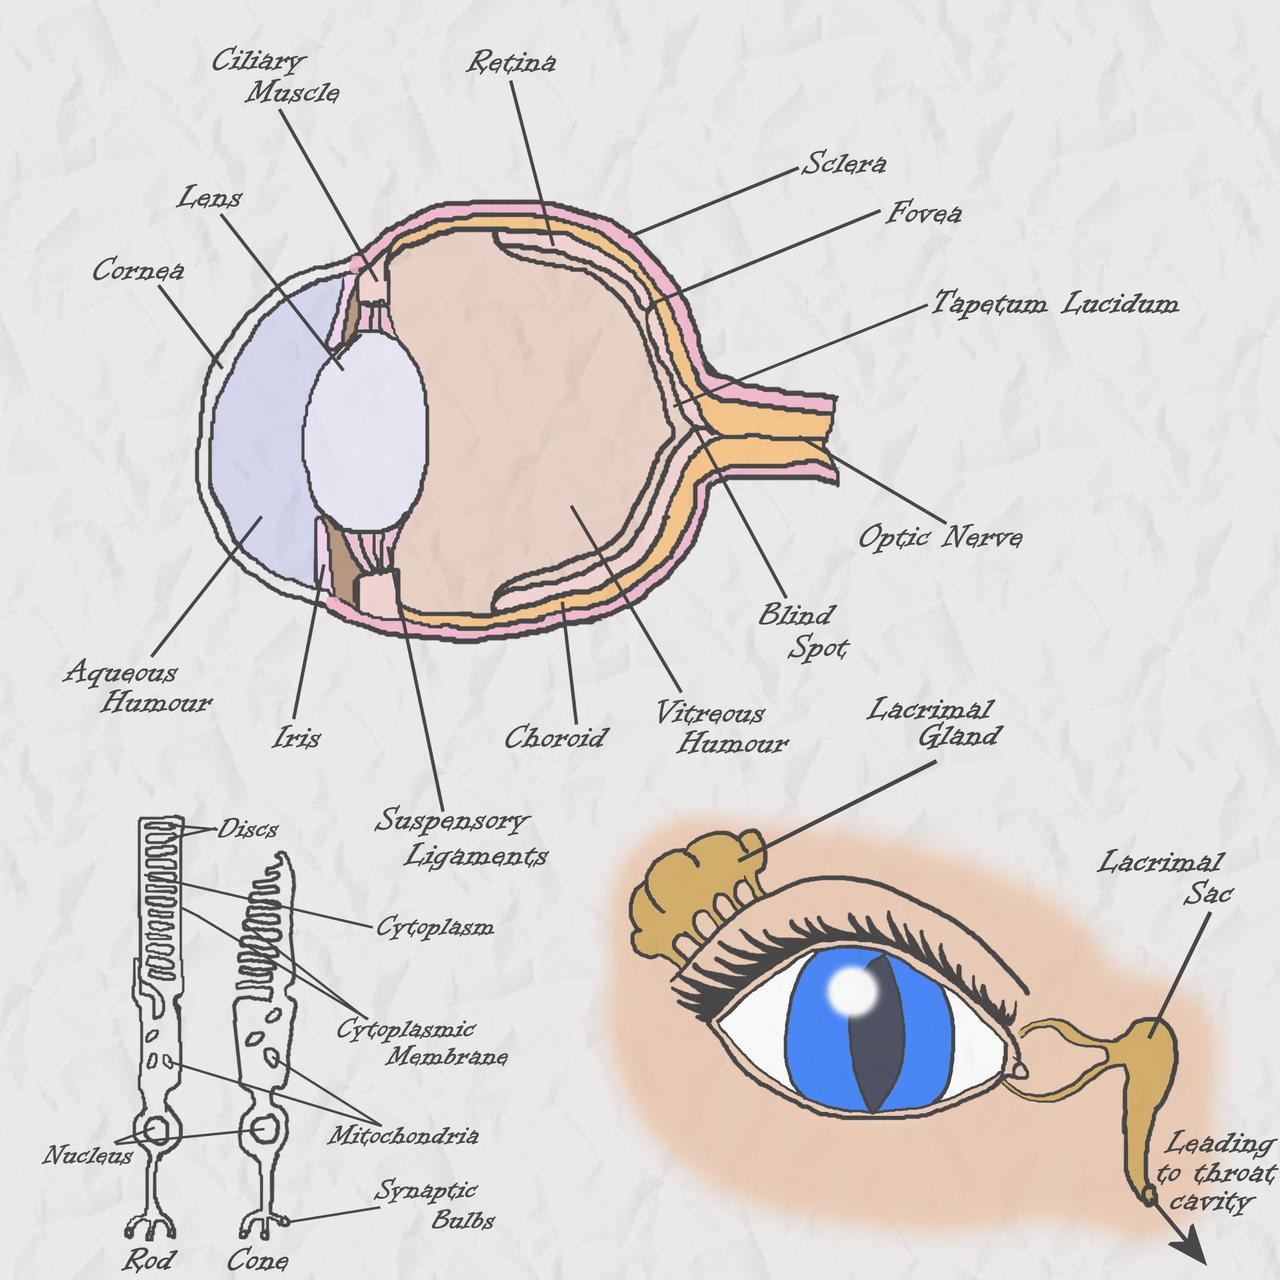 Nightmaren Anatomy Eye By Novum Semita On Deviantart